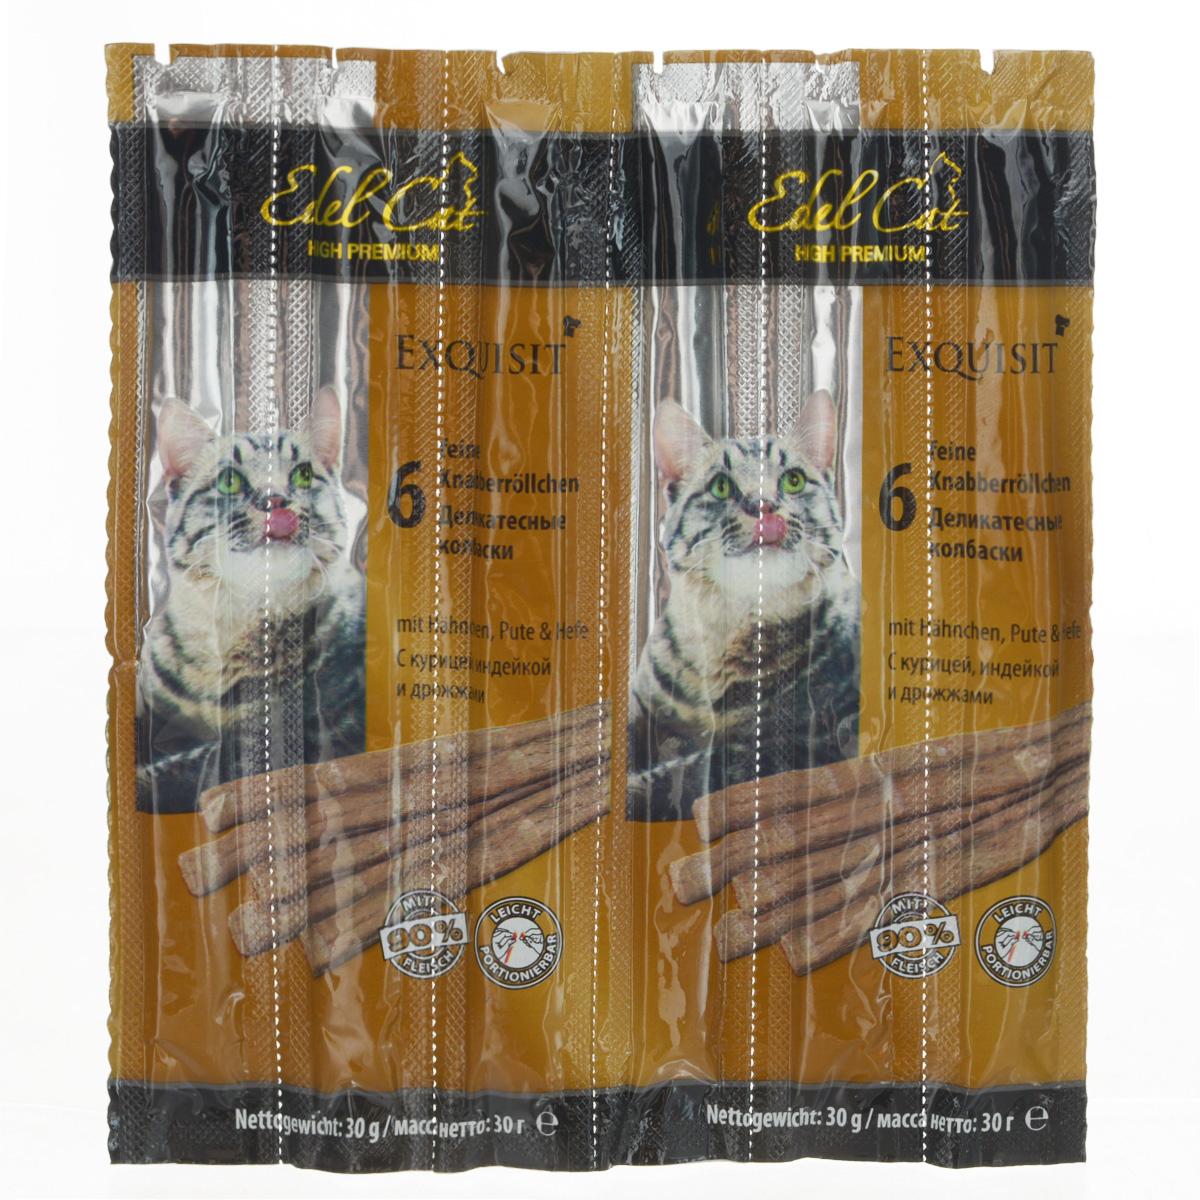 Колбаски жевательные для кошек Edel Cat, с курицей, индейкой и дрожжами, 30 г, 6 шт12822Жевательные колбаски Edel Cat используются в качестве лакомства и как дополнение к основному корму кошки старше 8 месяцев. На 95% состоят из свежего мяса с добавлением витаминно-минерального комплекса. Специальные рисочки на колбаске облегчат ее ломание. Противопоказано котятам, моложе восьми месяцев, кошкам с лишним весом, с сахарным диабетом, с заболеваниями почек или печени. Состав: мясо и мясопродукты (90%, в т.ч. 6% курицы, 6% индейки), дрожжи (4%), минеральные вещества. Технологические добавки: антиоксиданты, консерванты. Аналитический состав: сырой протеин 33,5%, влажность 28%, сырой жир 20%, сырая зола 10%, сырая клетчатка 2%. Вес: 30 г. Товар сертифицирован.